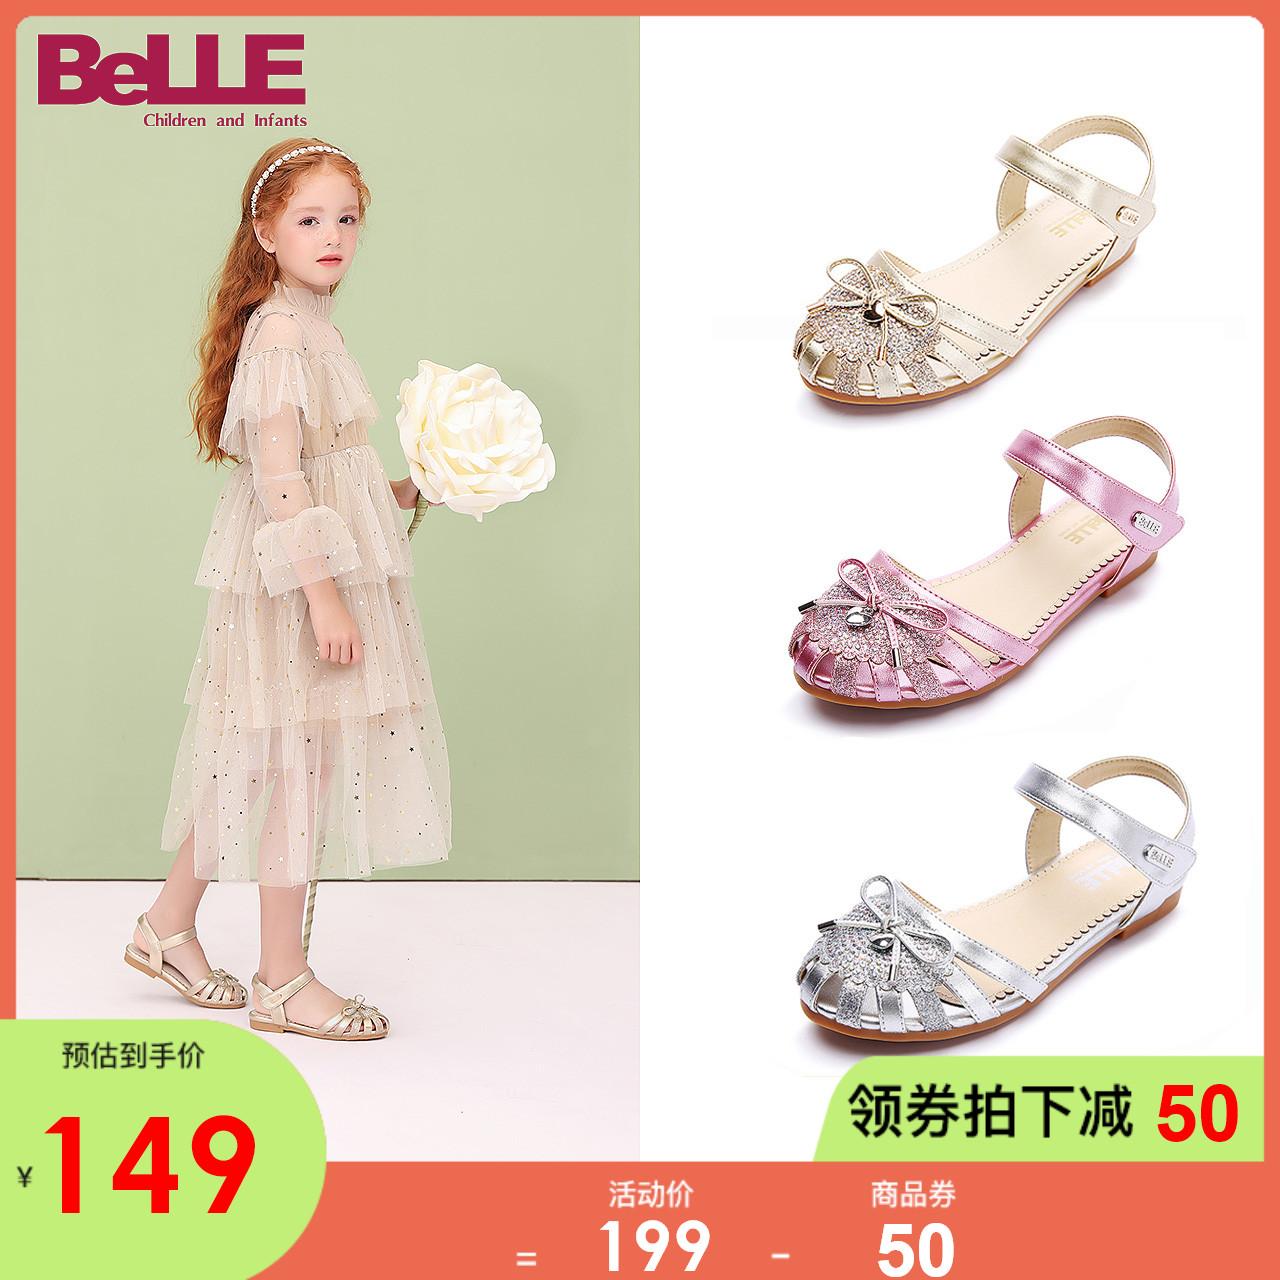 百丽童鞋女童包头凉鞋春夏公主鞋平底学生鞋儿童水钻时尚女生凉鞋